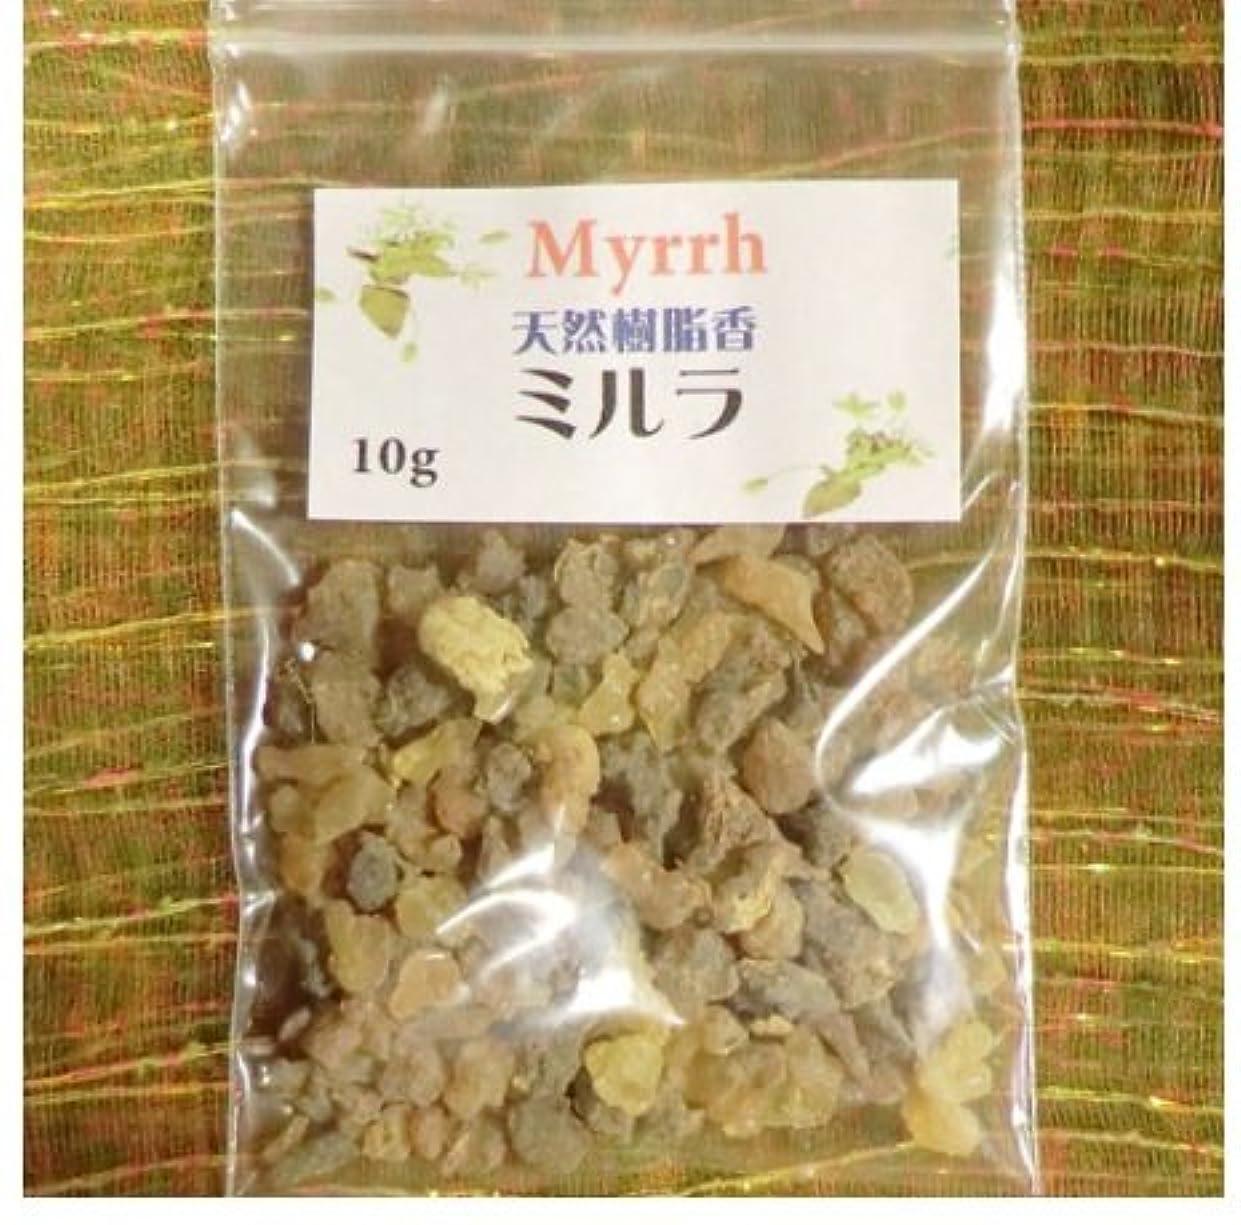 剪断予想するスタイルミルラ Myrrh (没薬) 天然樹脂香 10g (ミルラ)